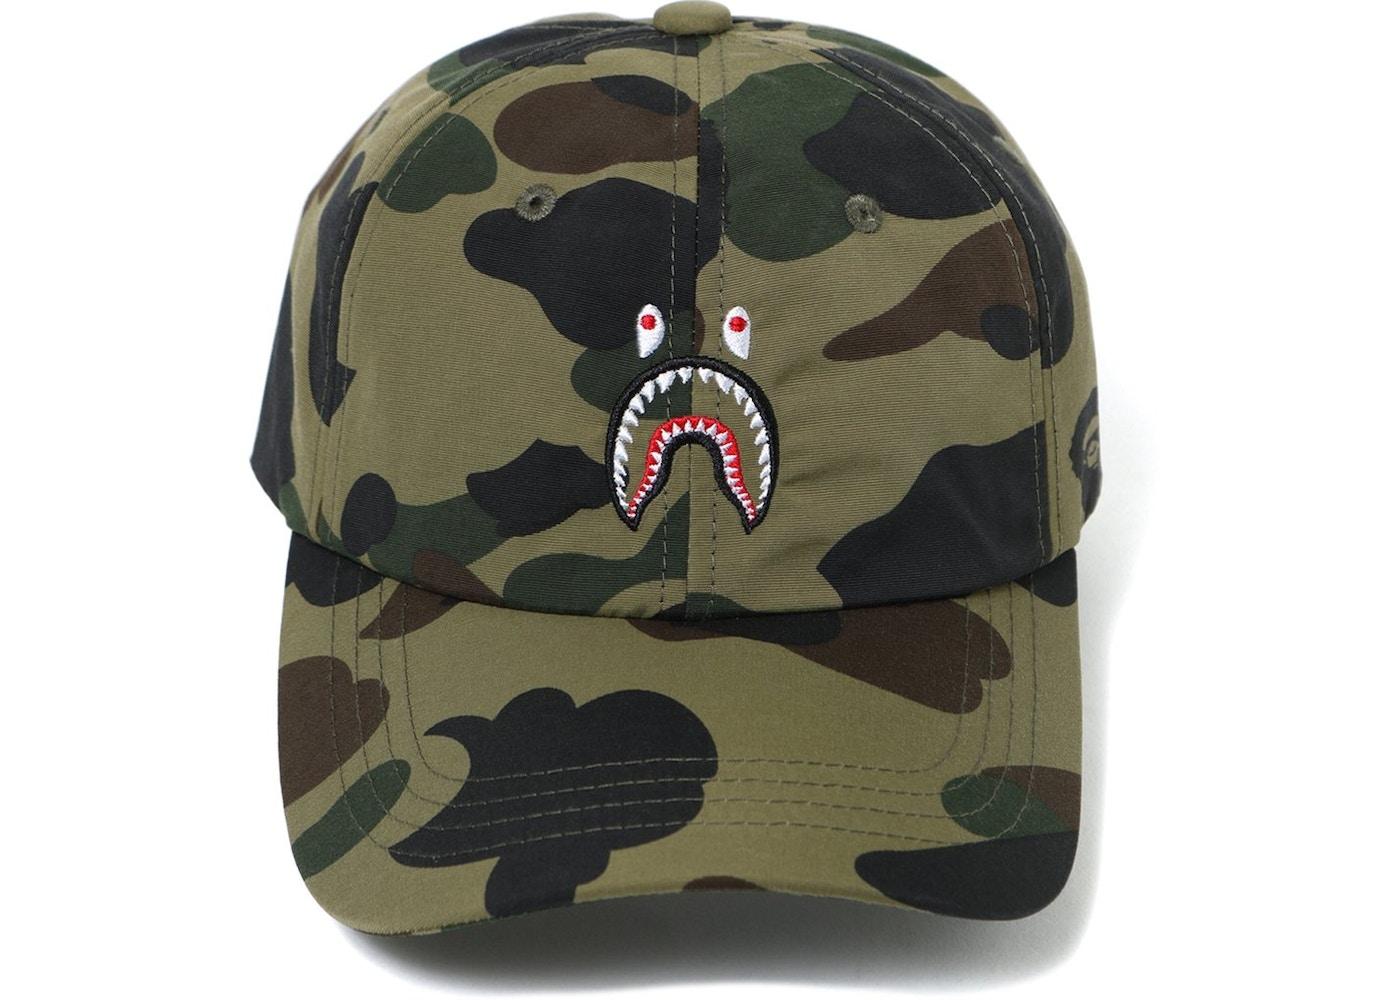 02c4ffa9255 Streetwear - Bape Headwear - Highest Bid